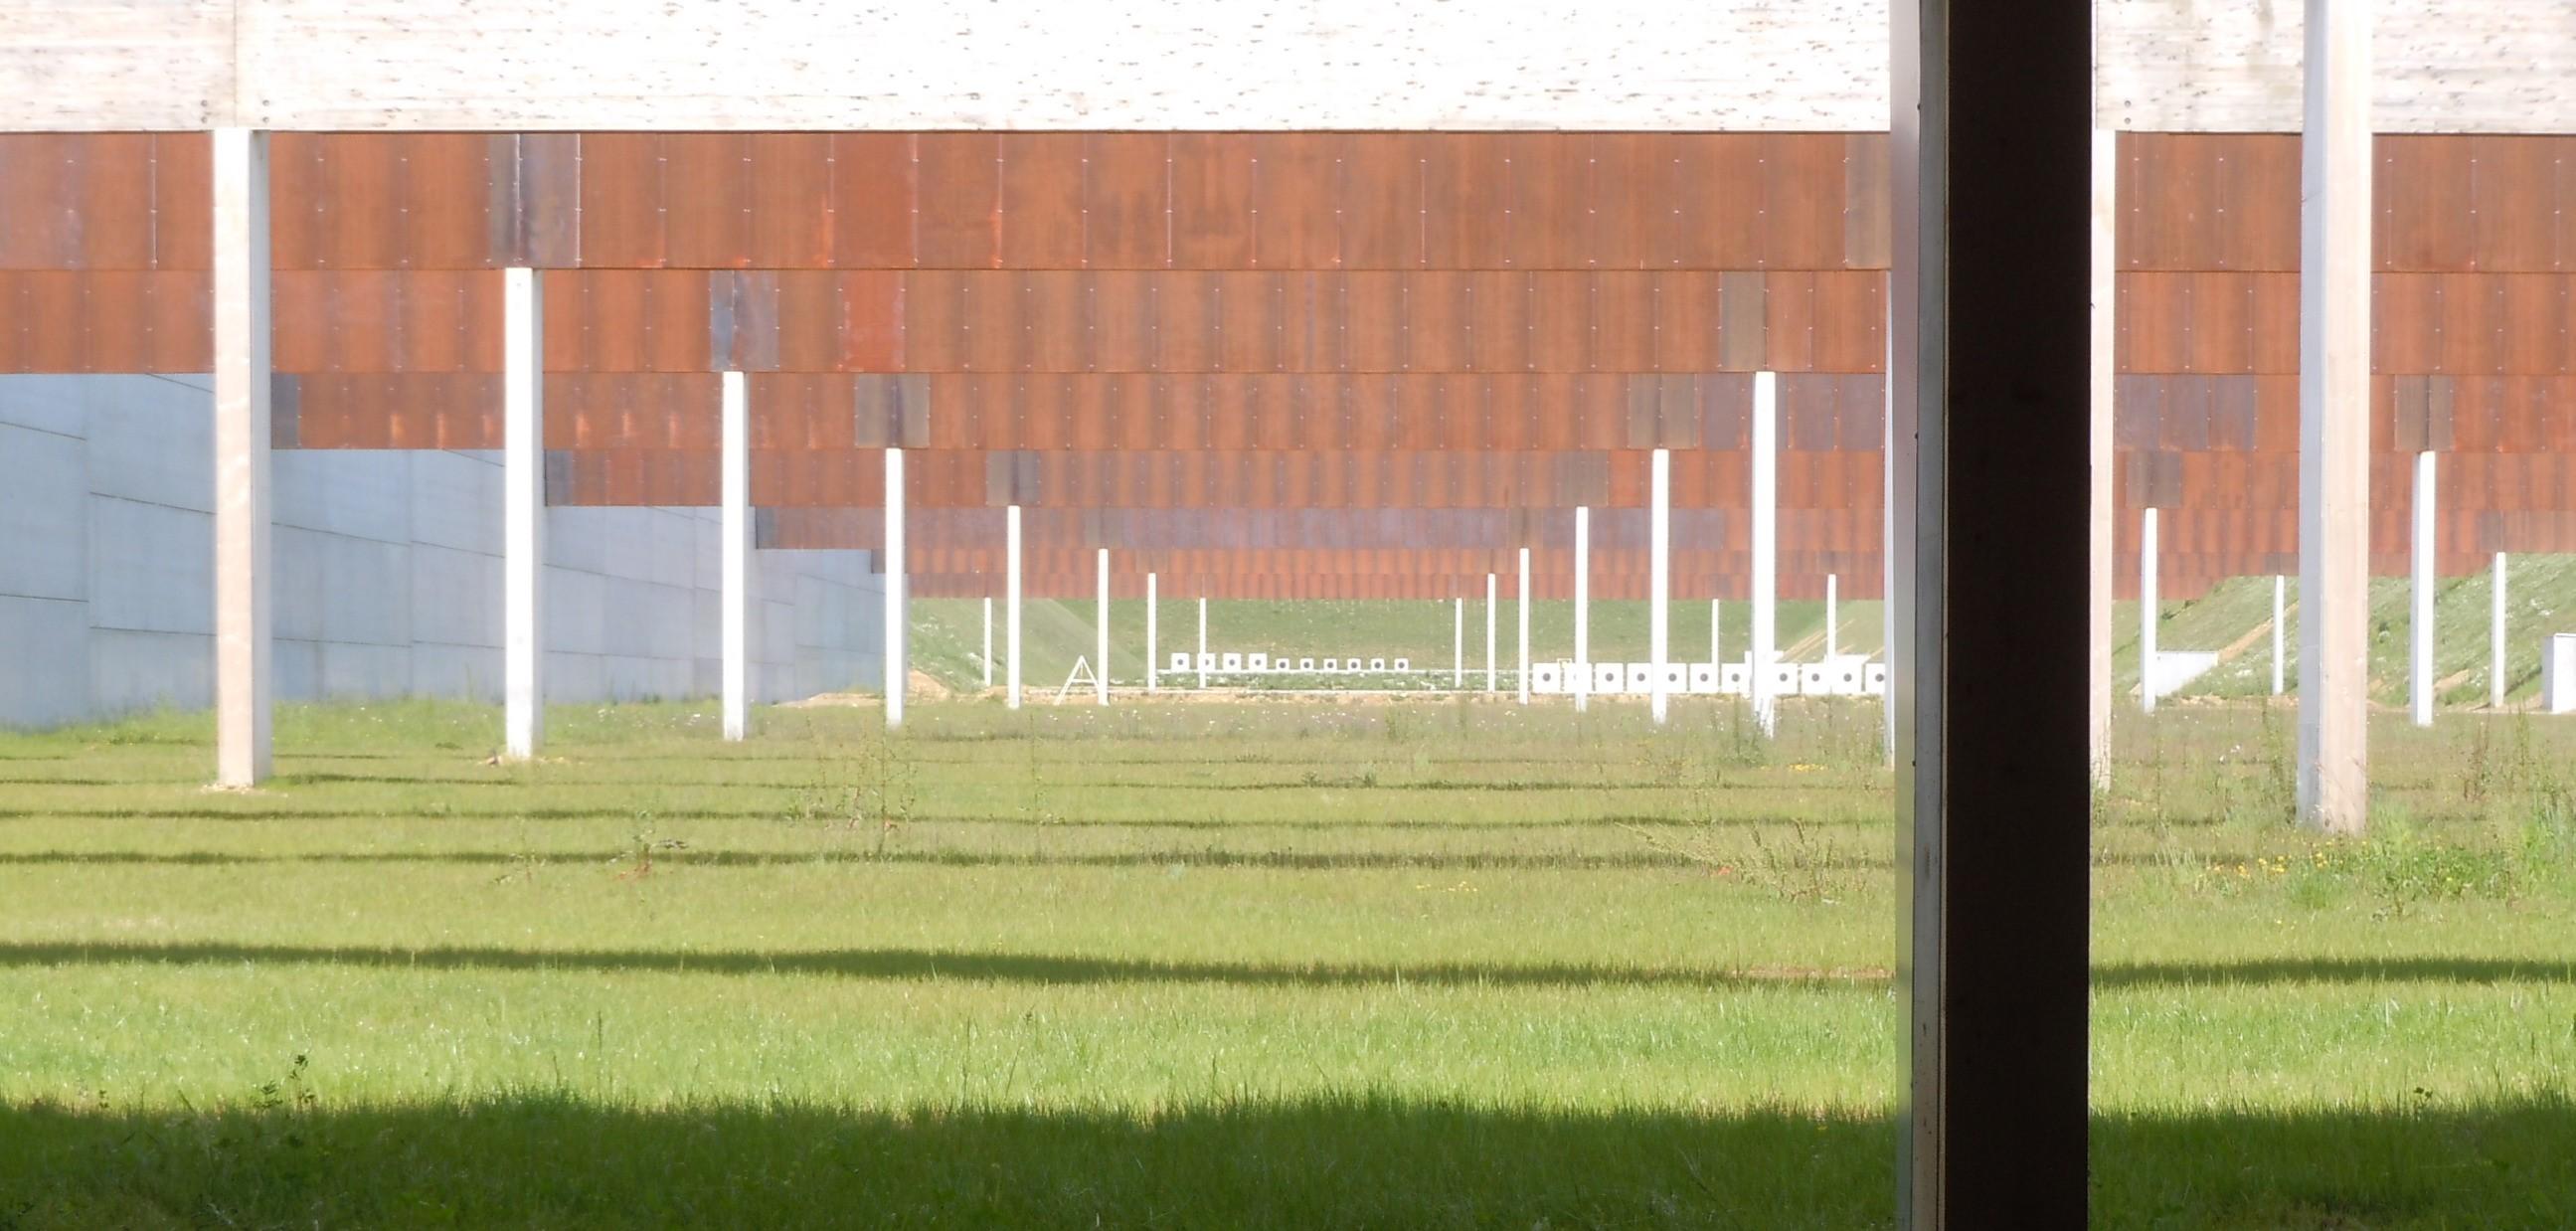 Portes ouvertes du CNTS Chateauroux 18-19 mai Dscn0210